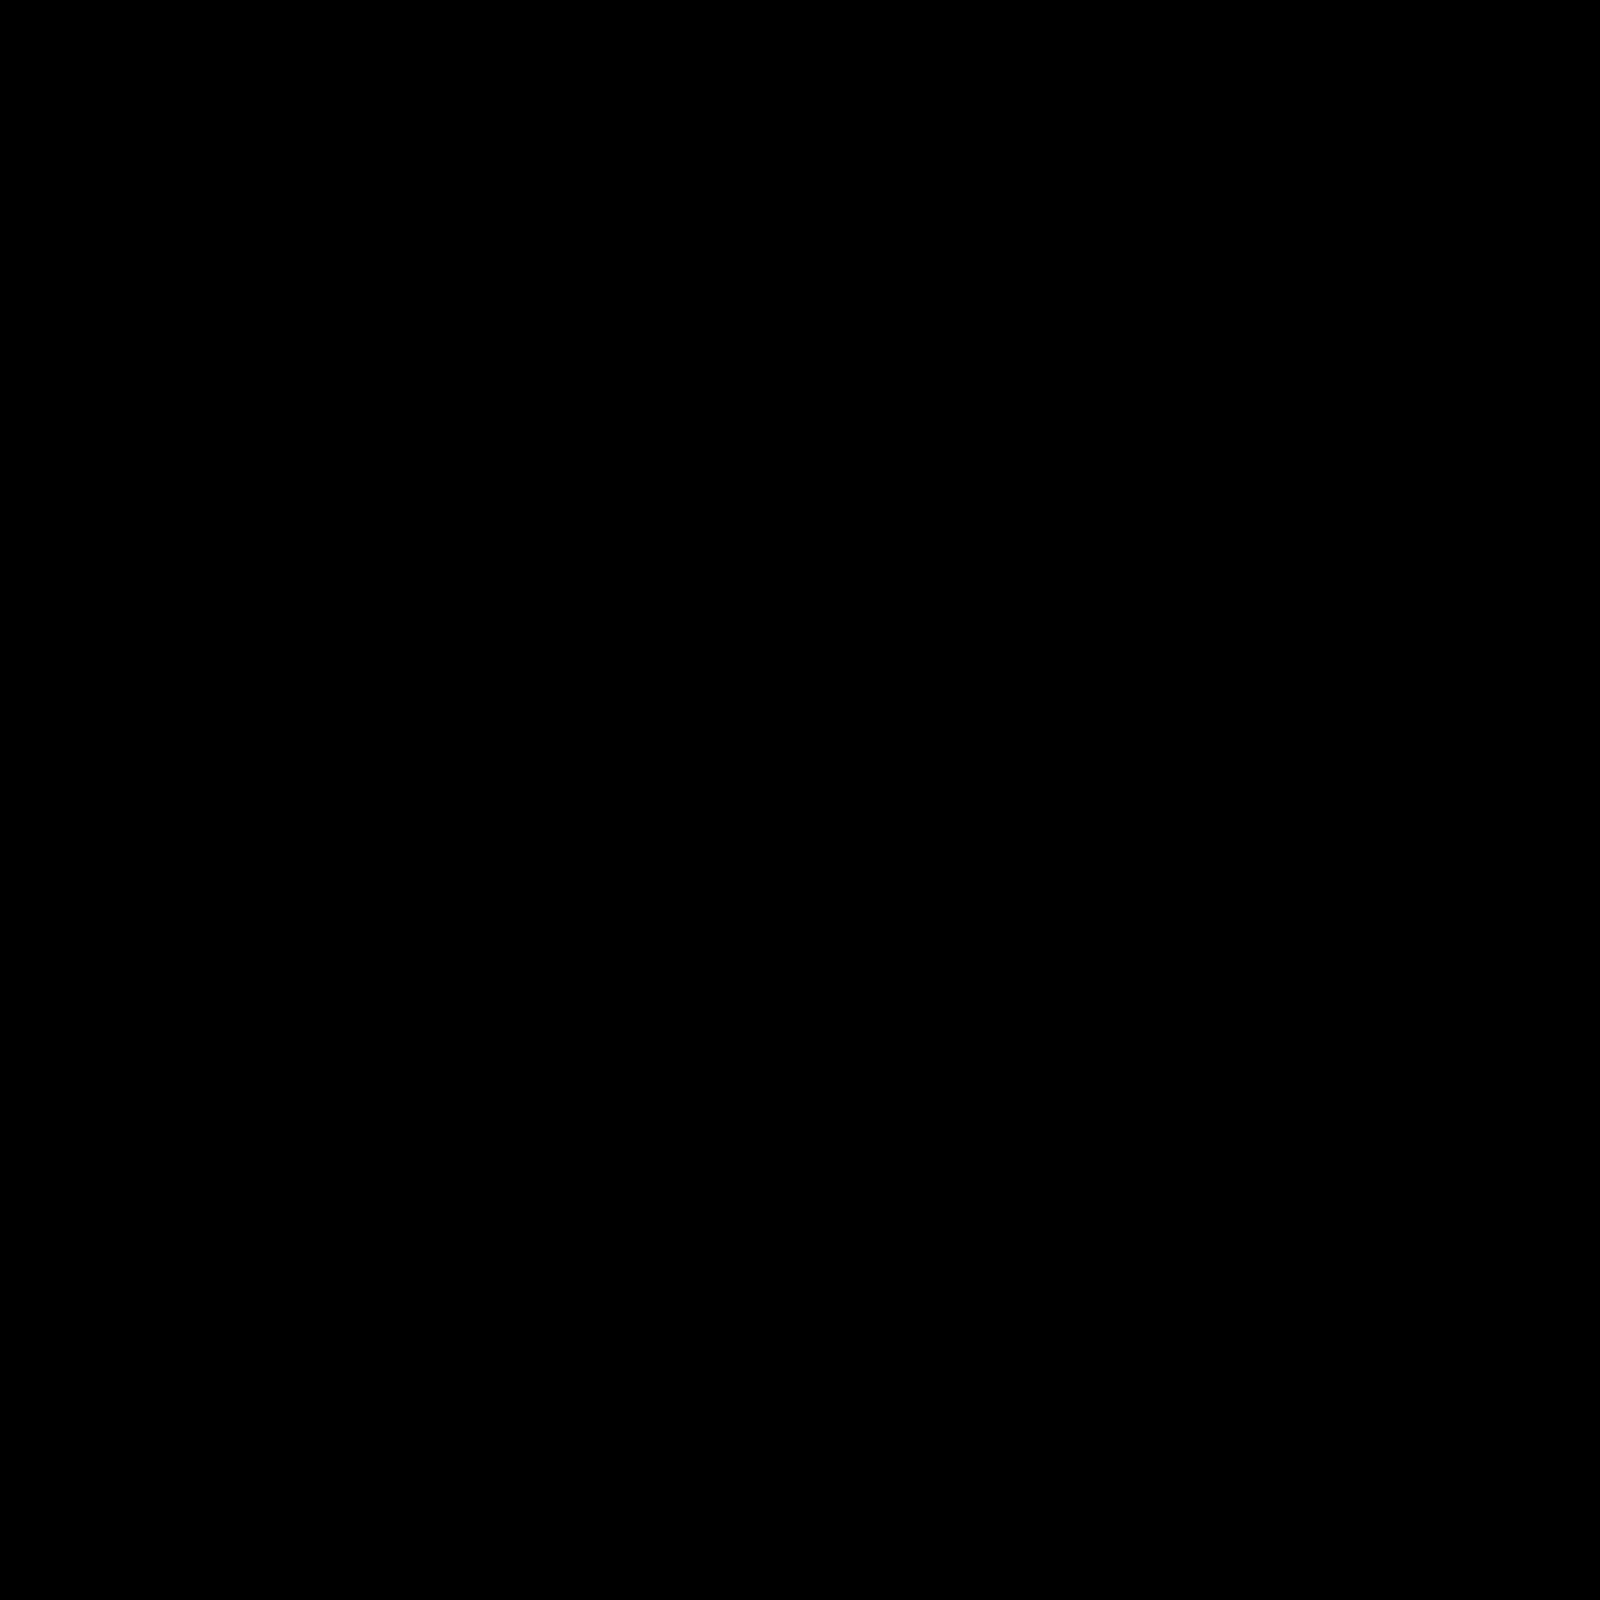 Box sperren icon